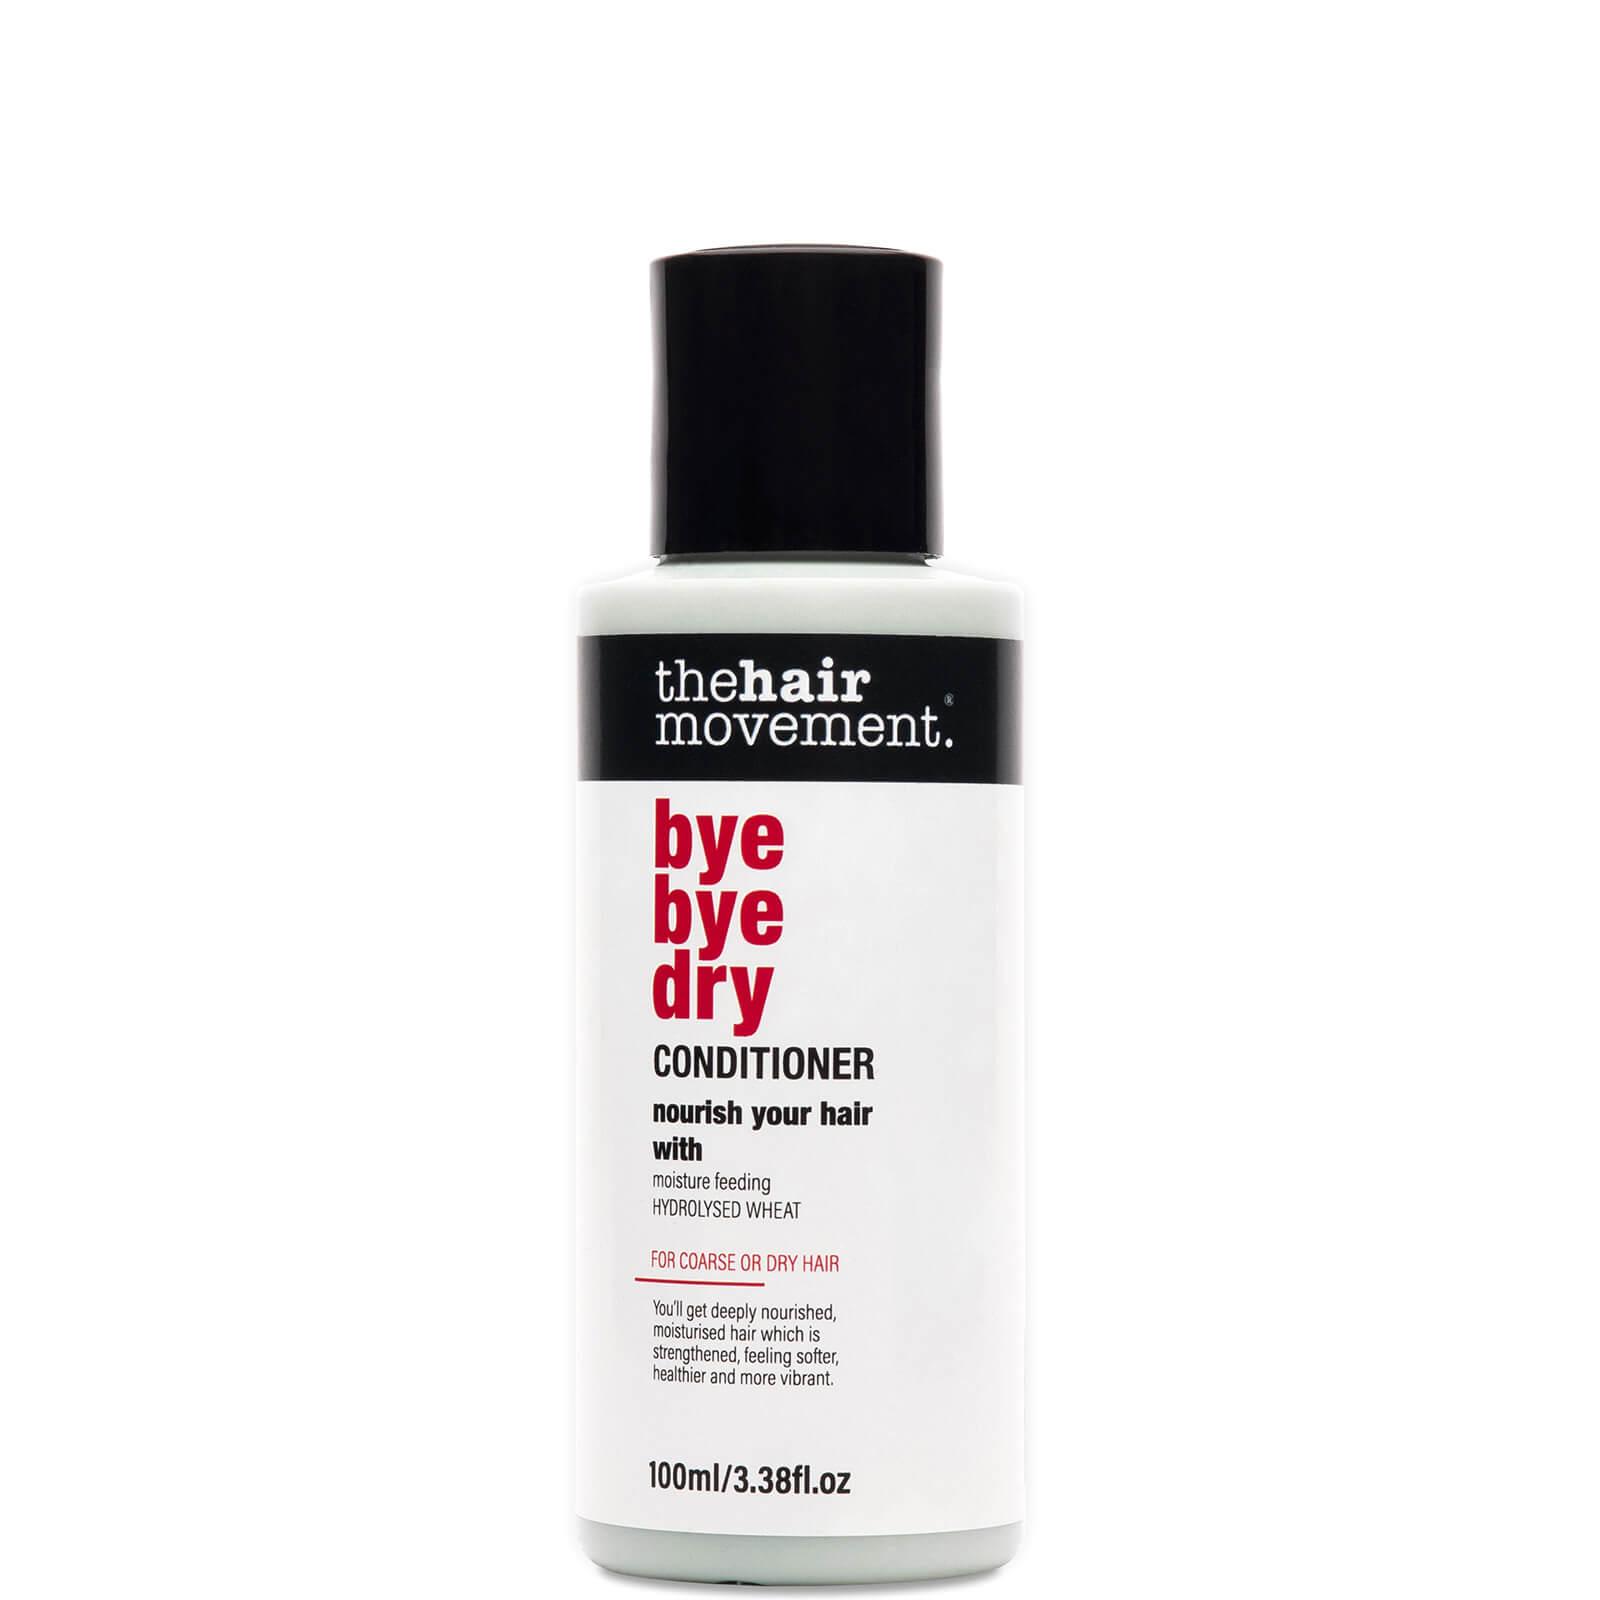 Купить The Hair Movement Bye Bye Dry Conditioner 100ml